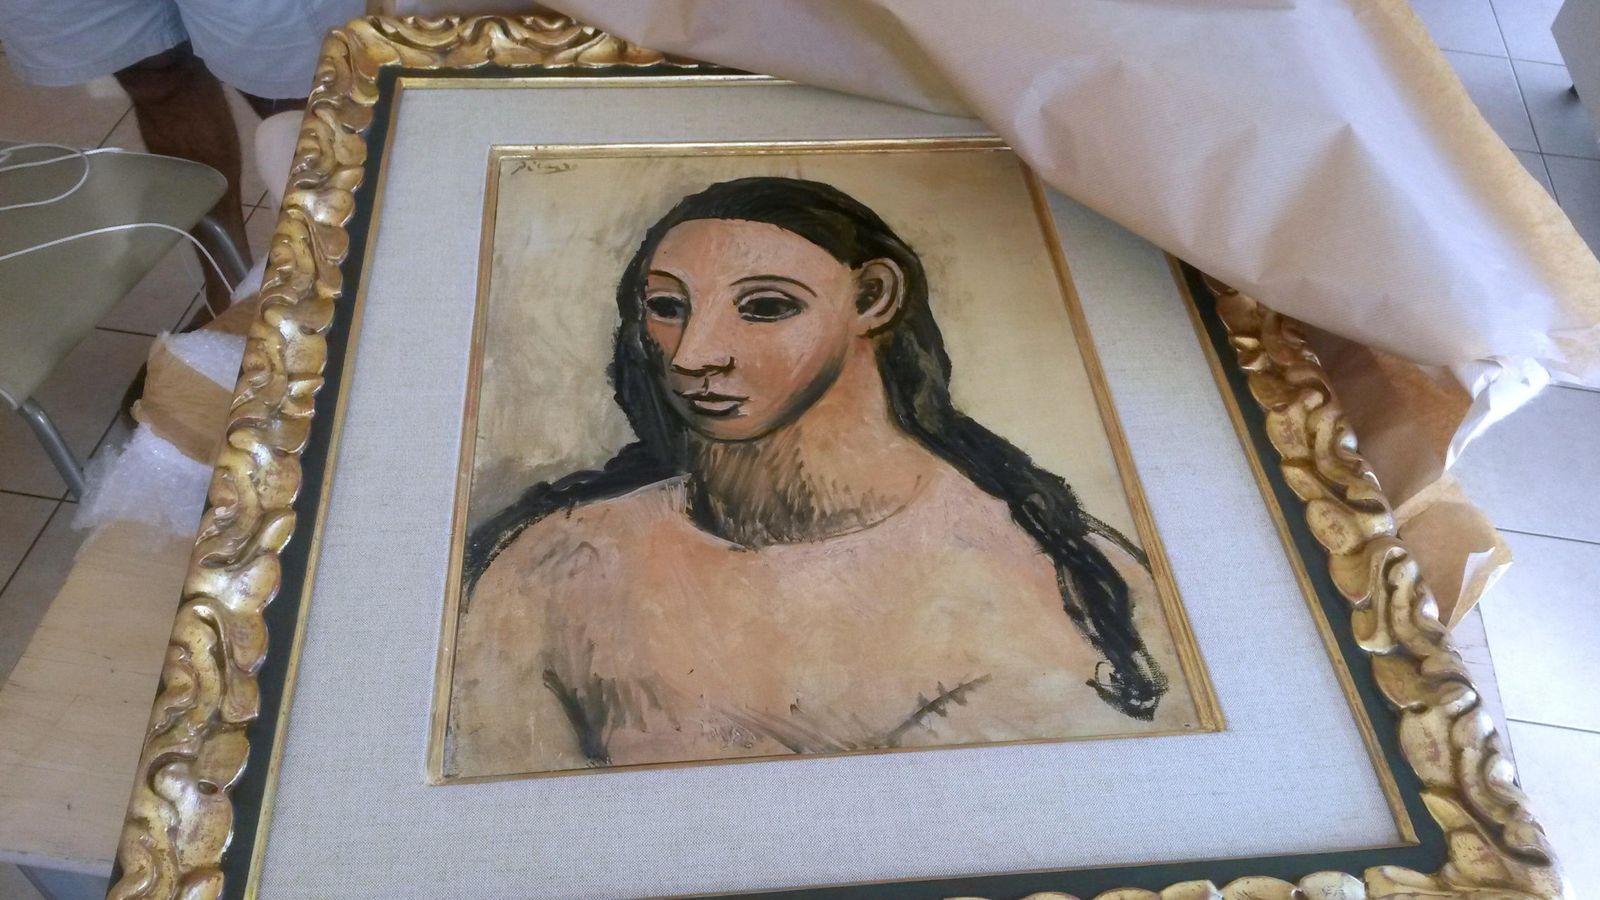 Foto: Entrega a las autoridades españolas del cuadro Mujer joven, incautado a Jaime botín en Córcega. Efe